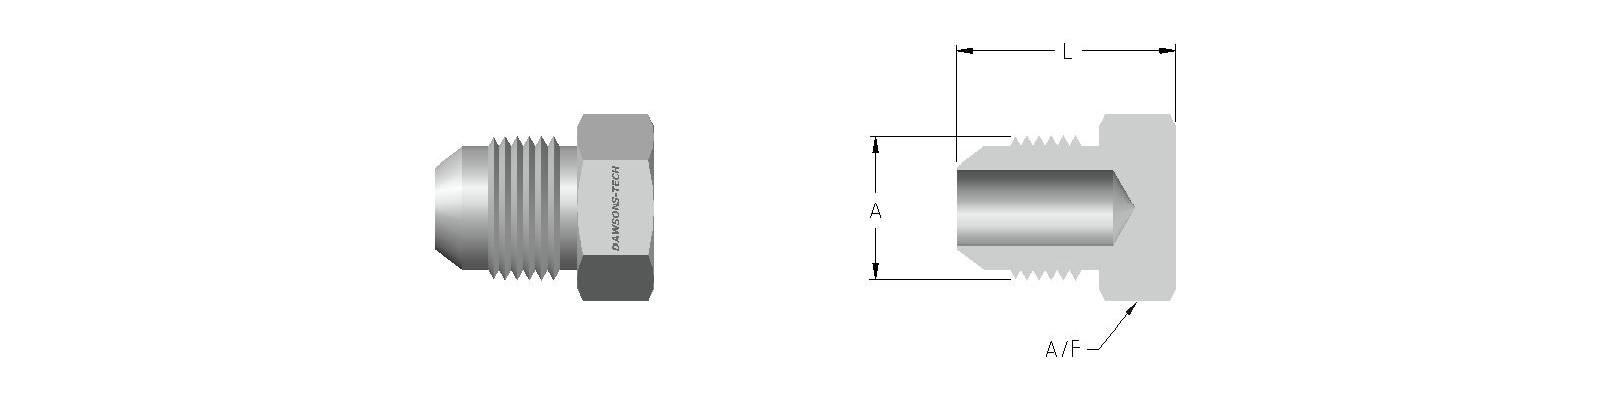 01 Plug